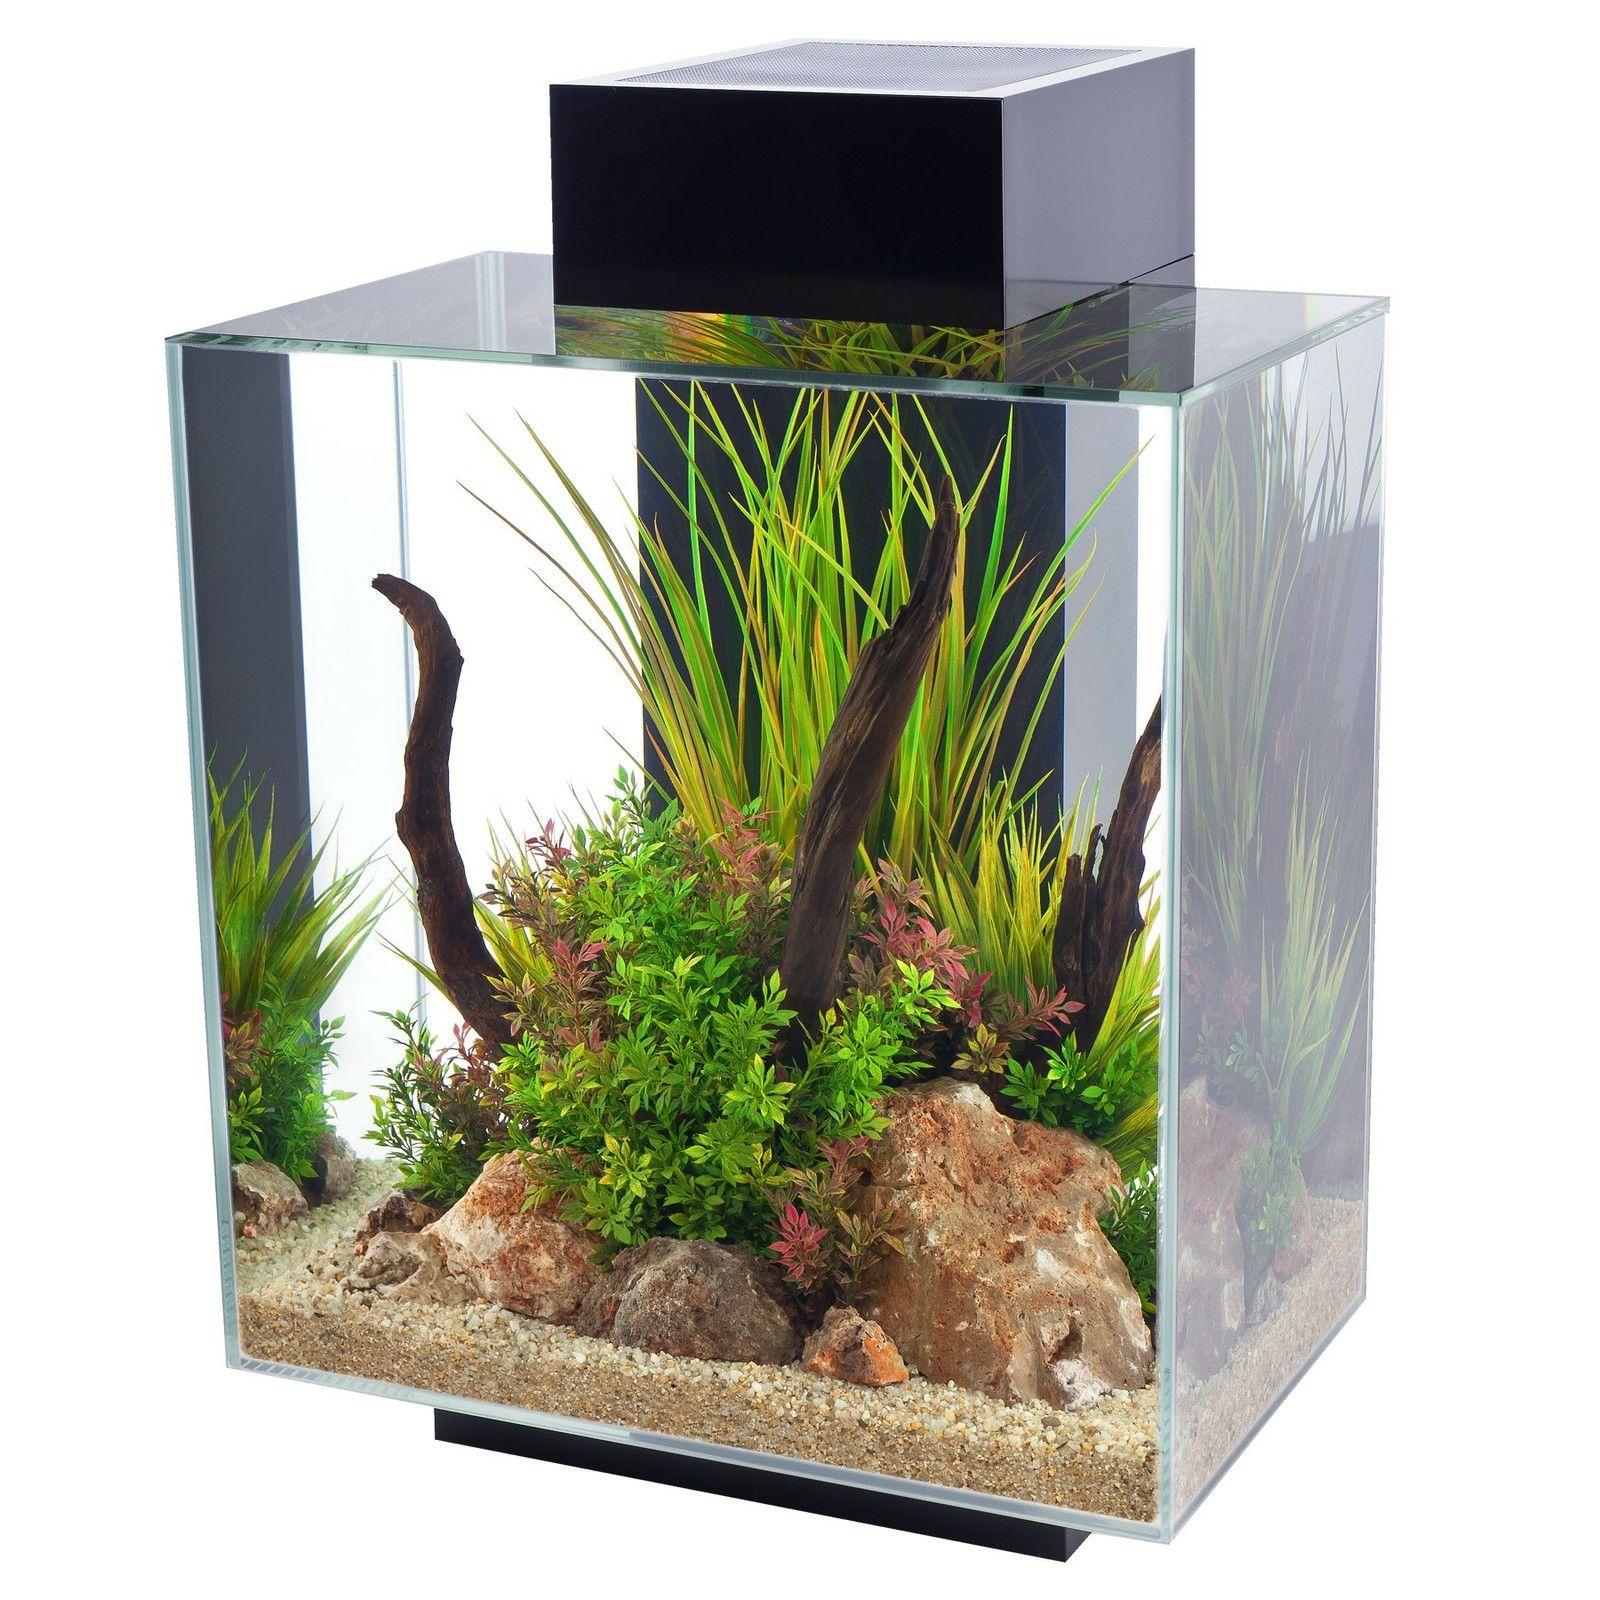 Aquarium fish tank ebay - Fluval Edge Led Aquarium Fish Tank 23l 46l 23 46 Litre Gloss White Pewter Black